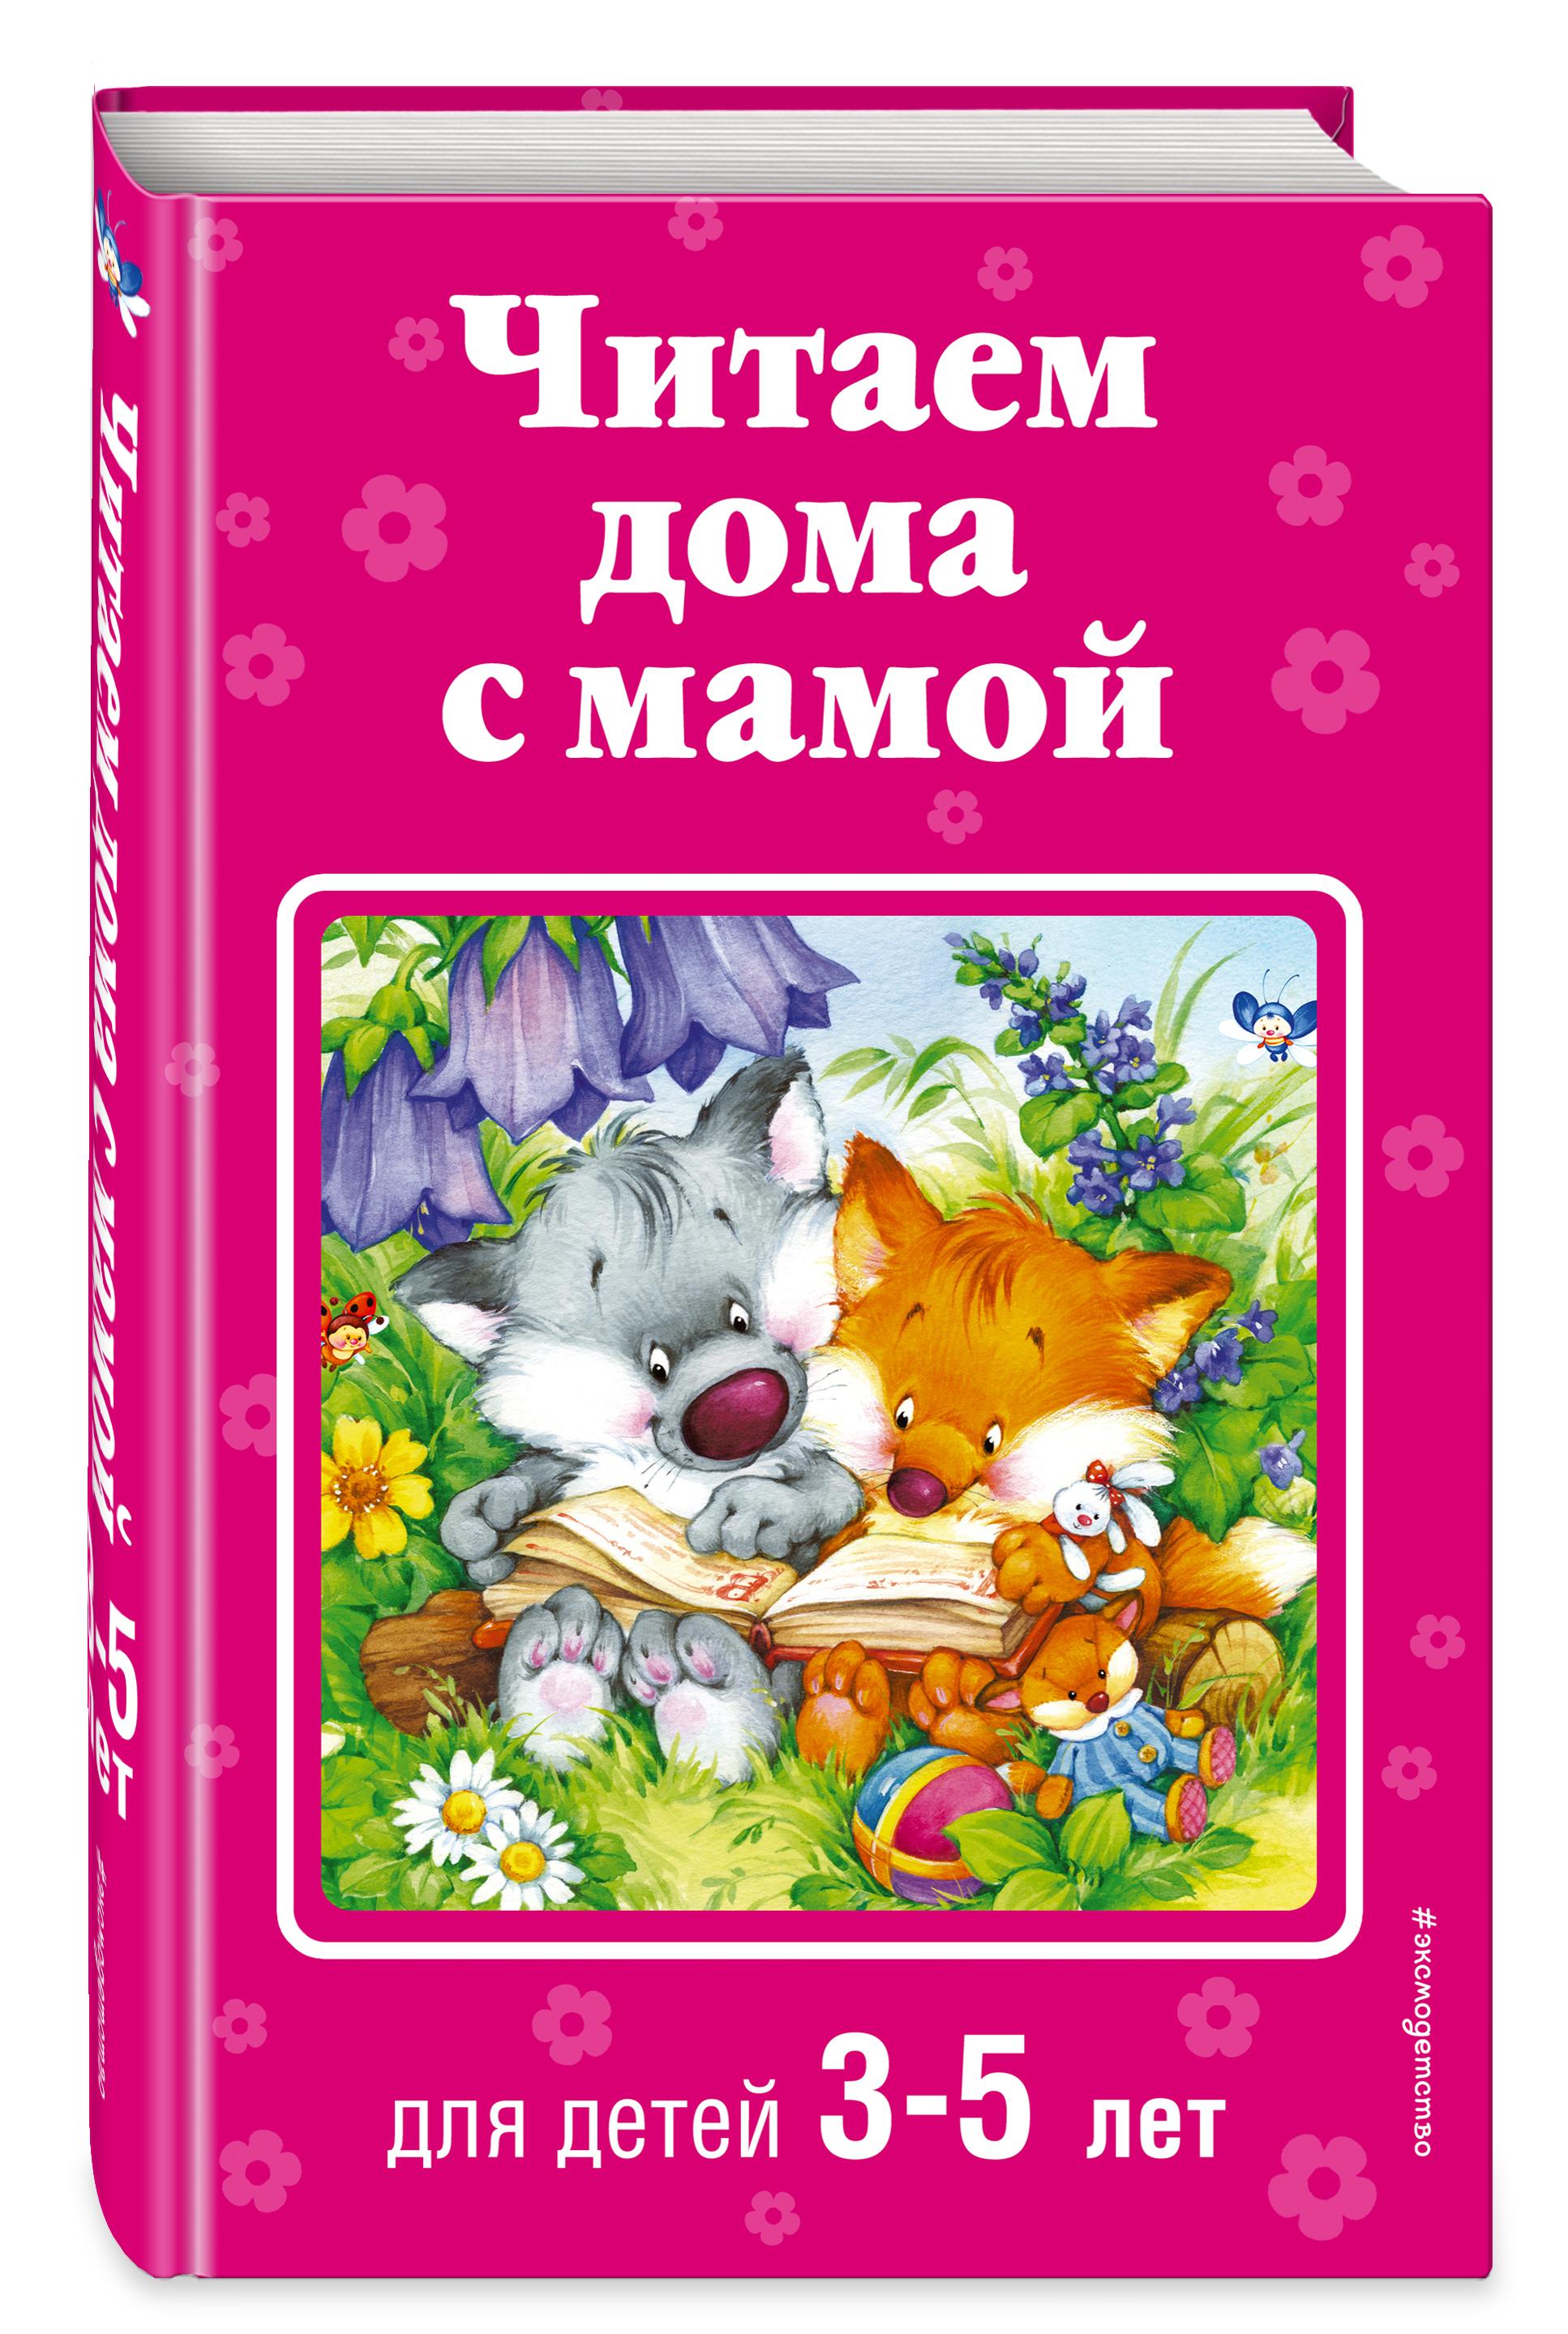 Читать детские книги с картинками онлайн для 7-10 лет, днем